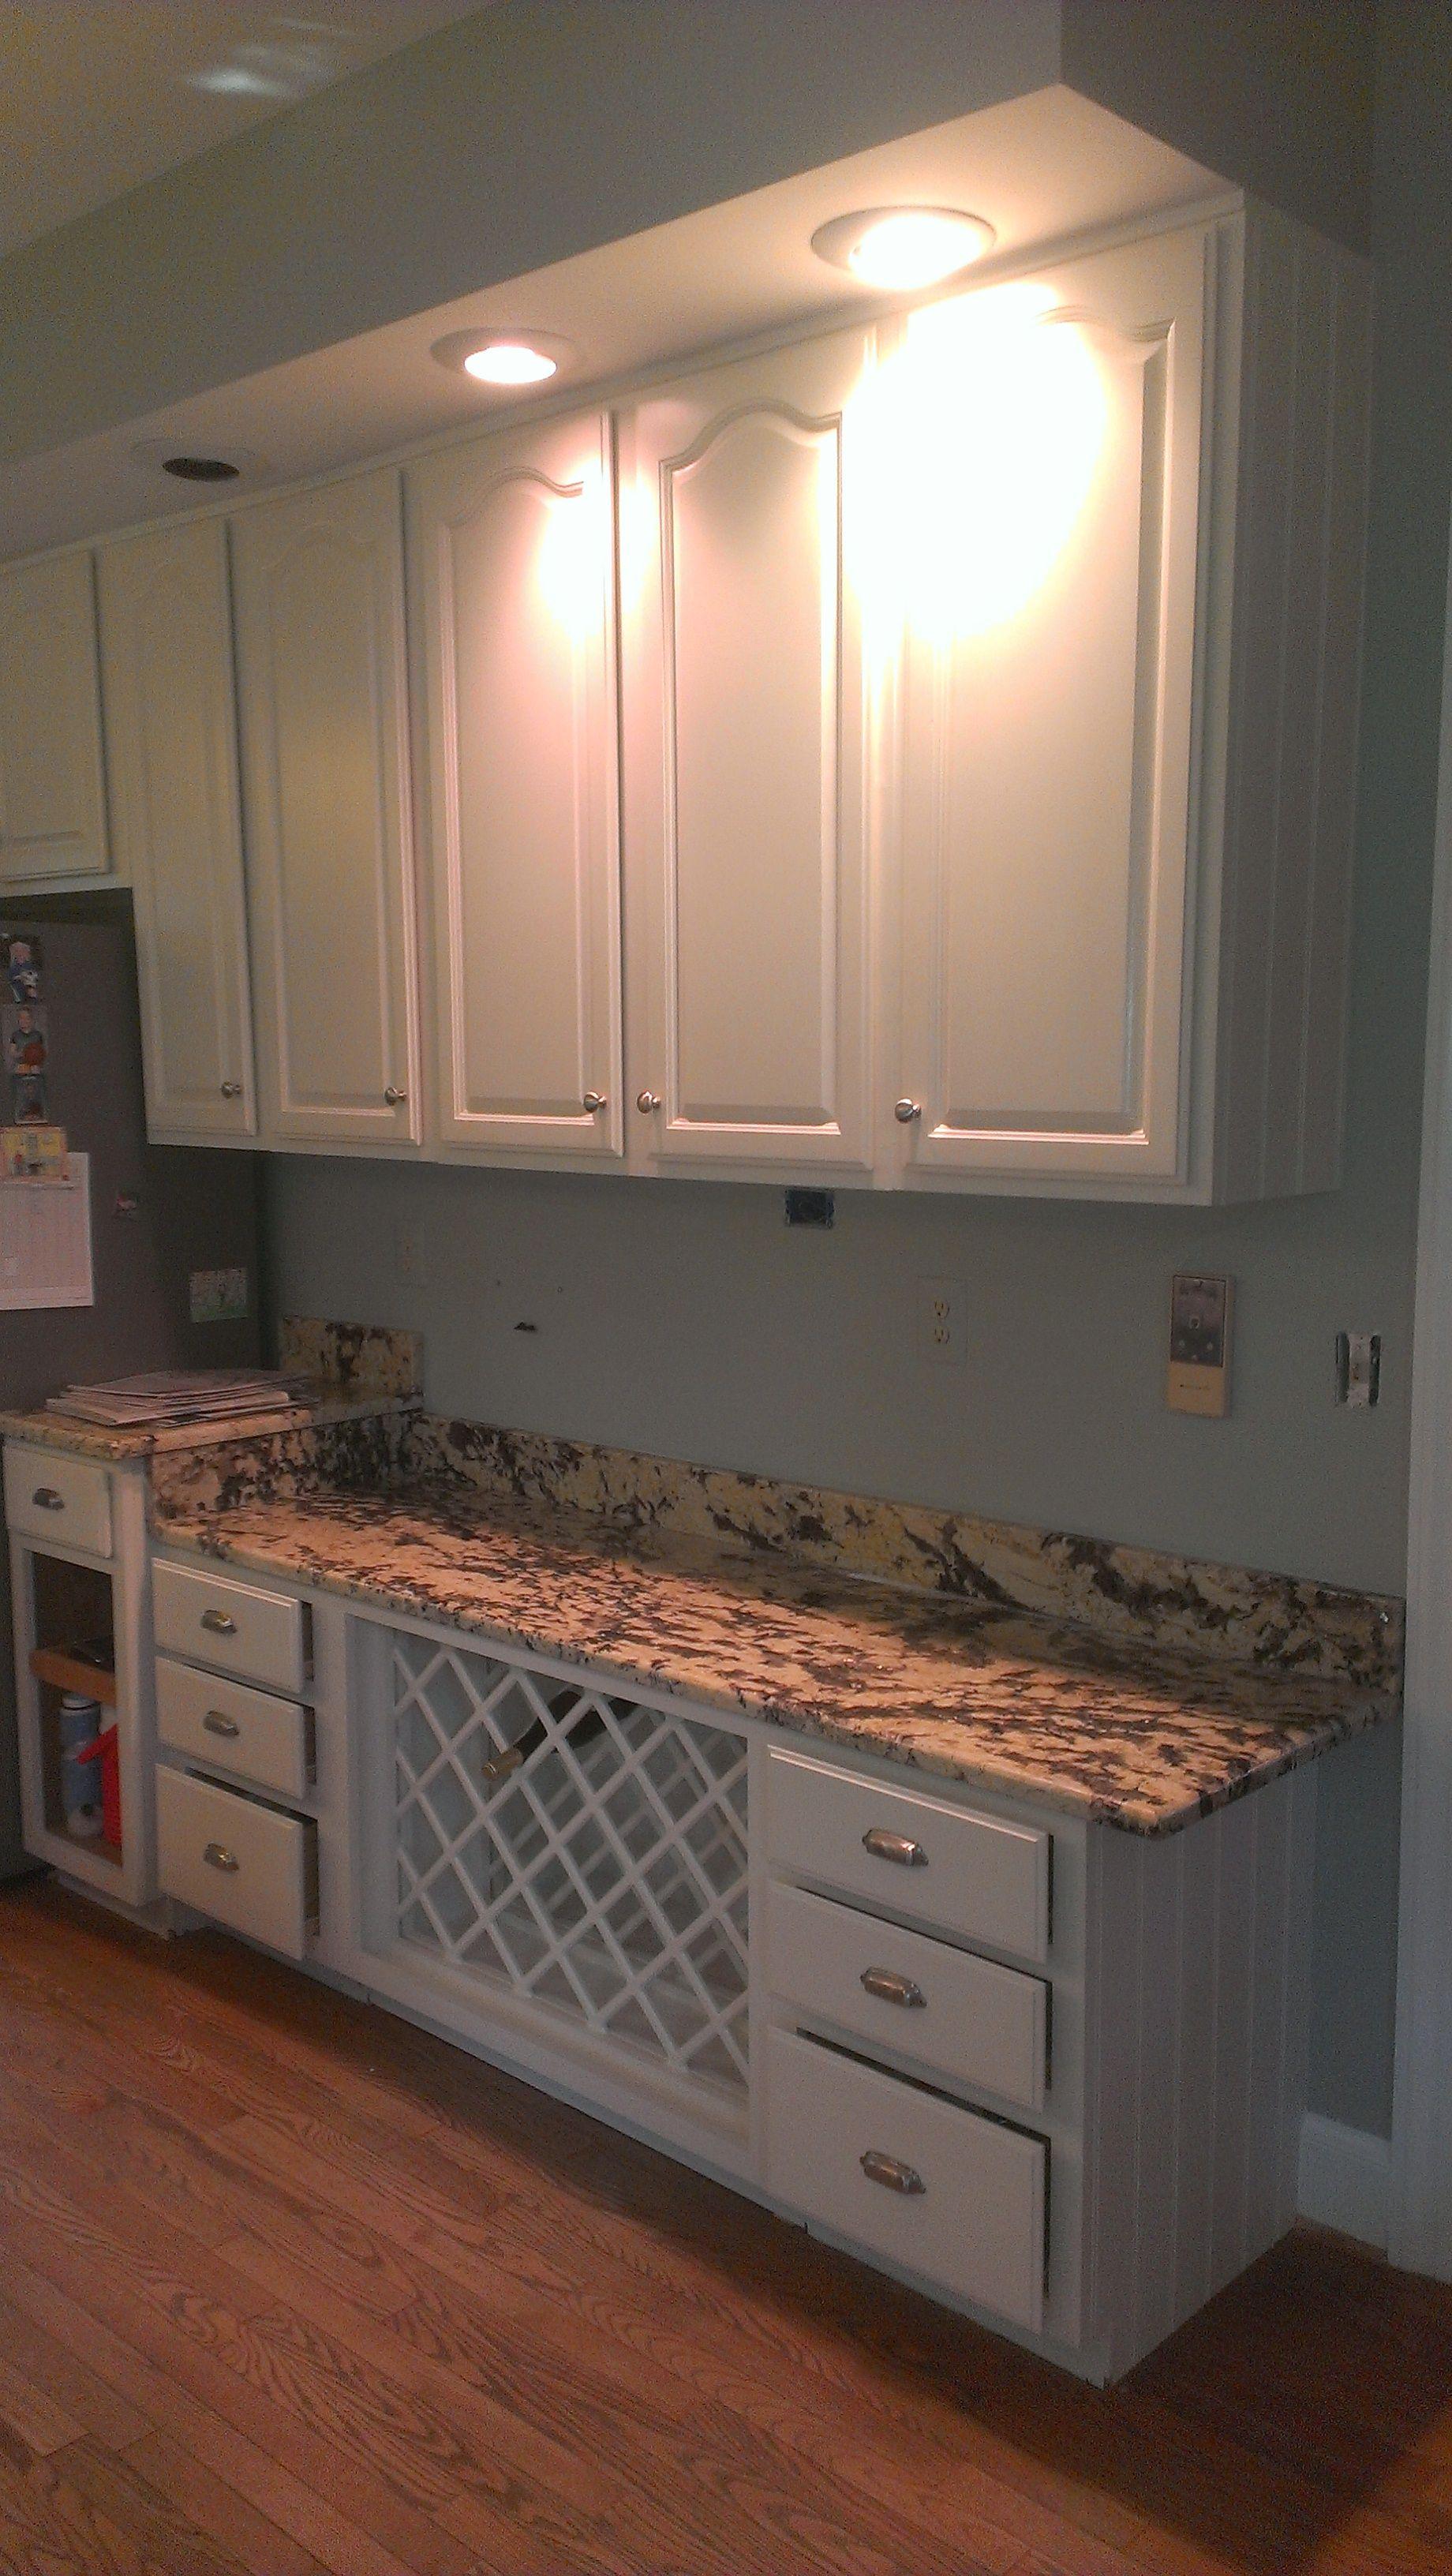 From Dark Cherry To Warm Off White Refinishing Cabinets Kitchen Cabinet Organization Kitchen Organization